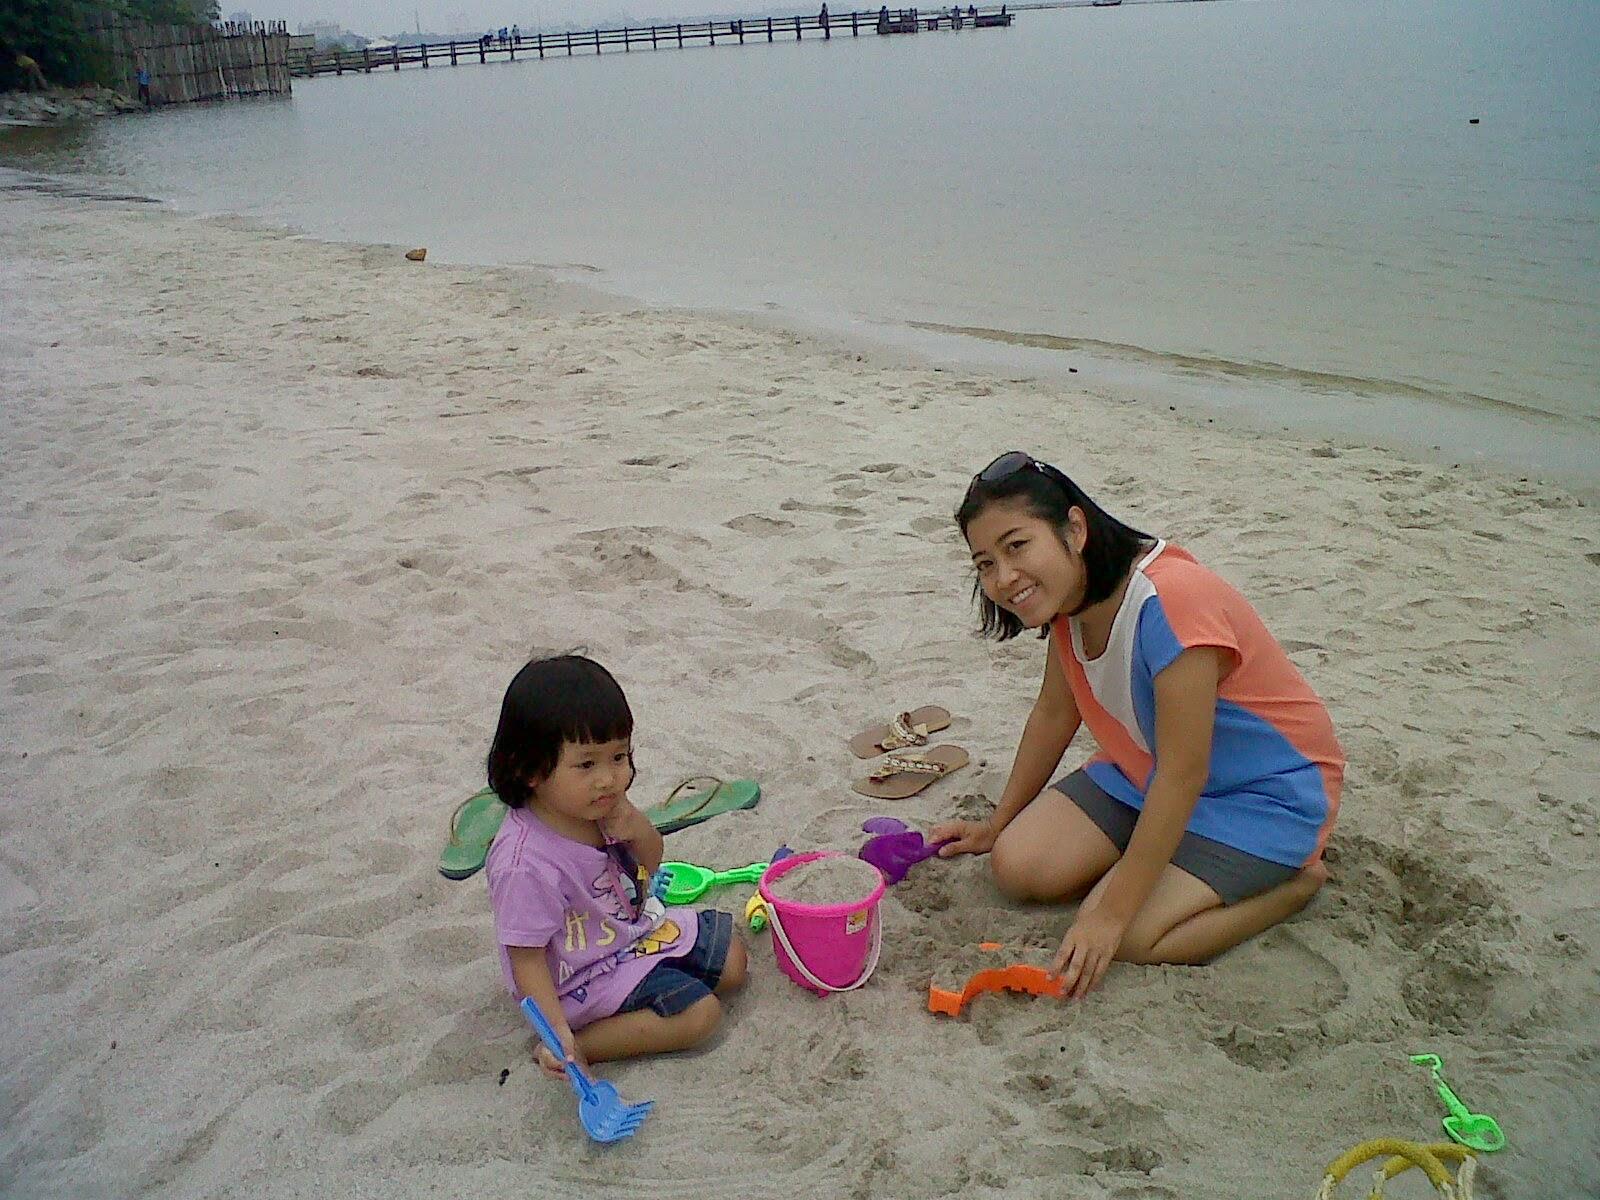 gambar anak kecil bermain di pantai indah